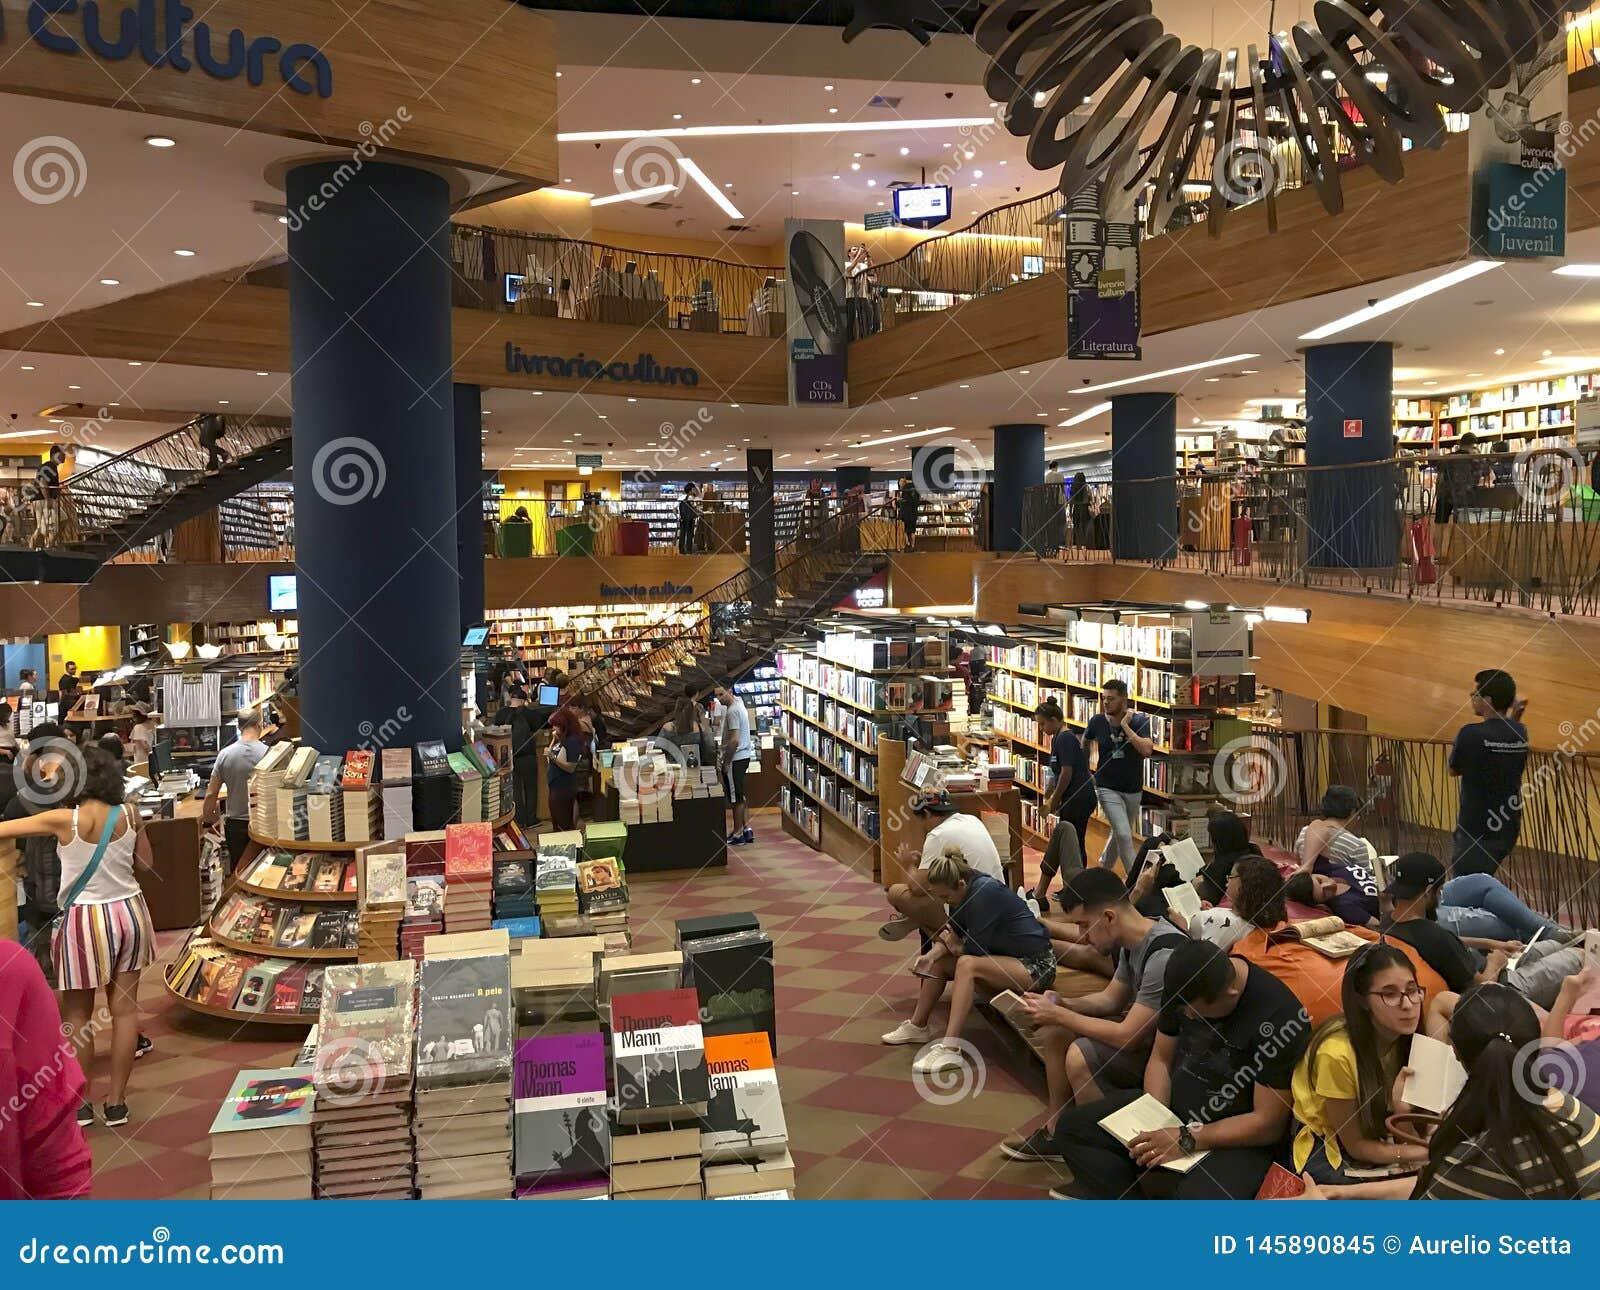 Livraria Cultura, libreria tradizionale nella citt? di Sao Paulo